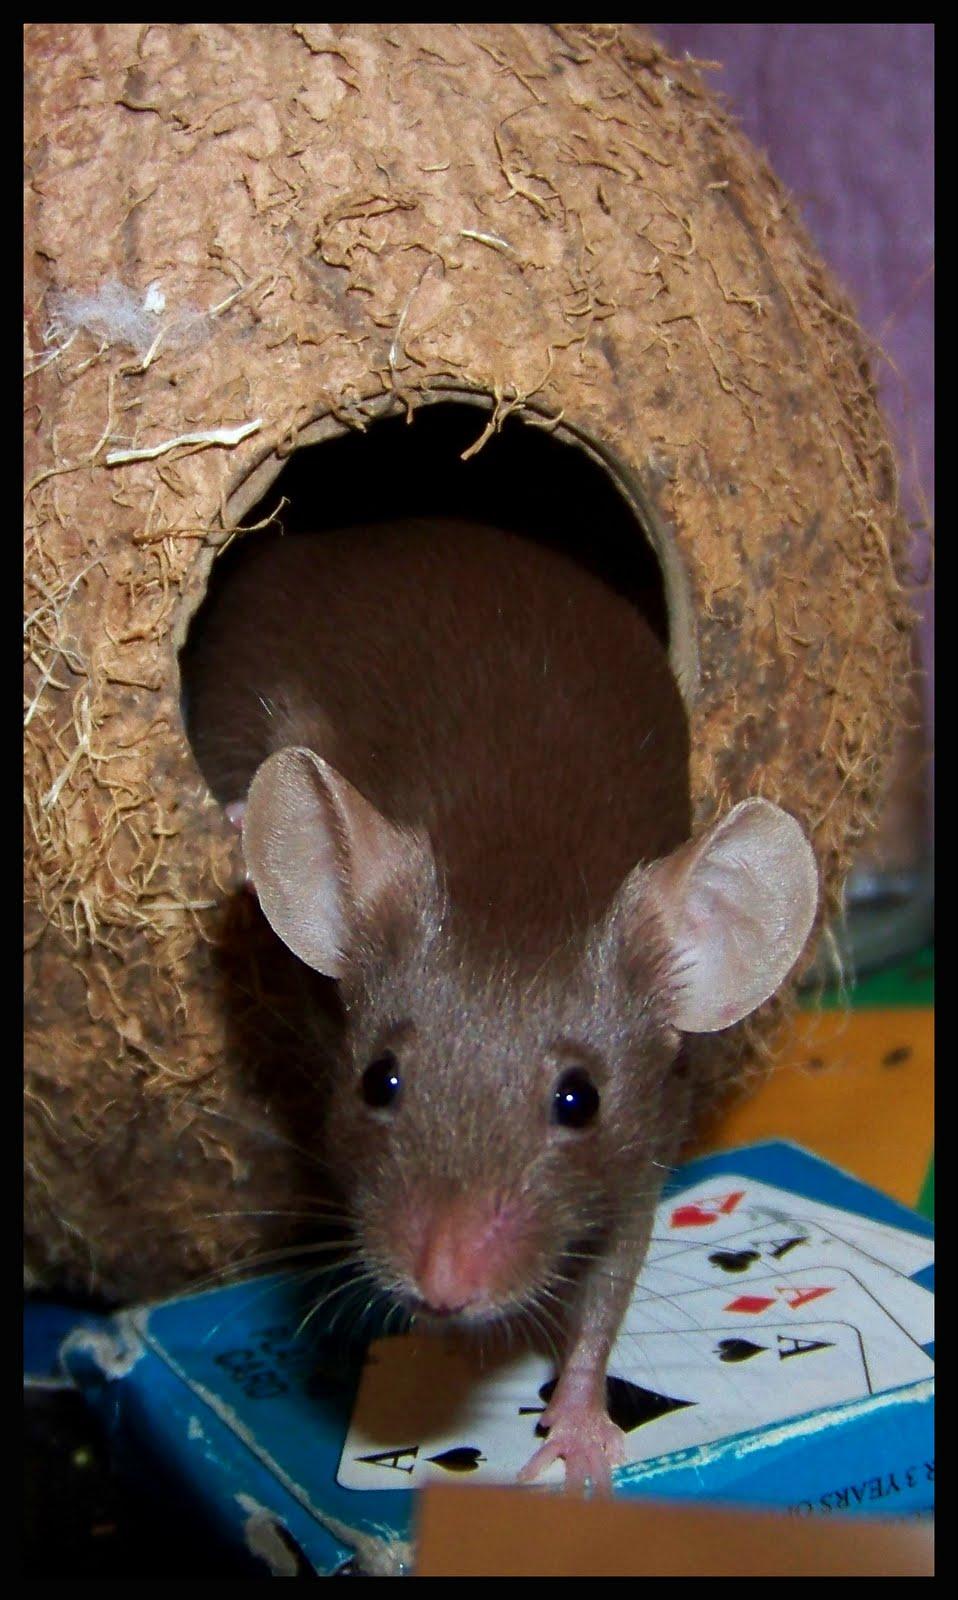 J Ai Une Souris Chez Moi murmures de pyria: des souris en vitrine